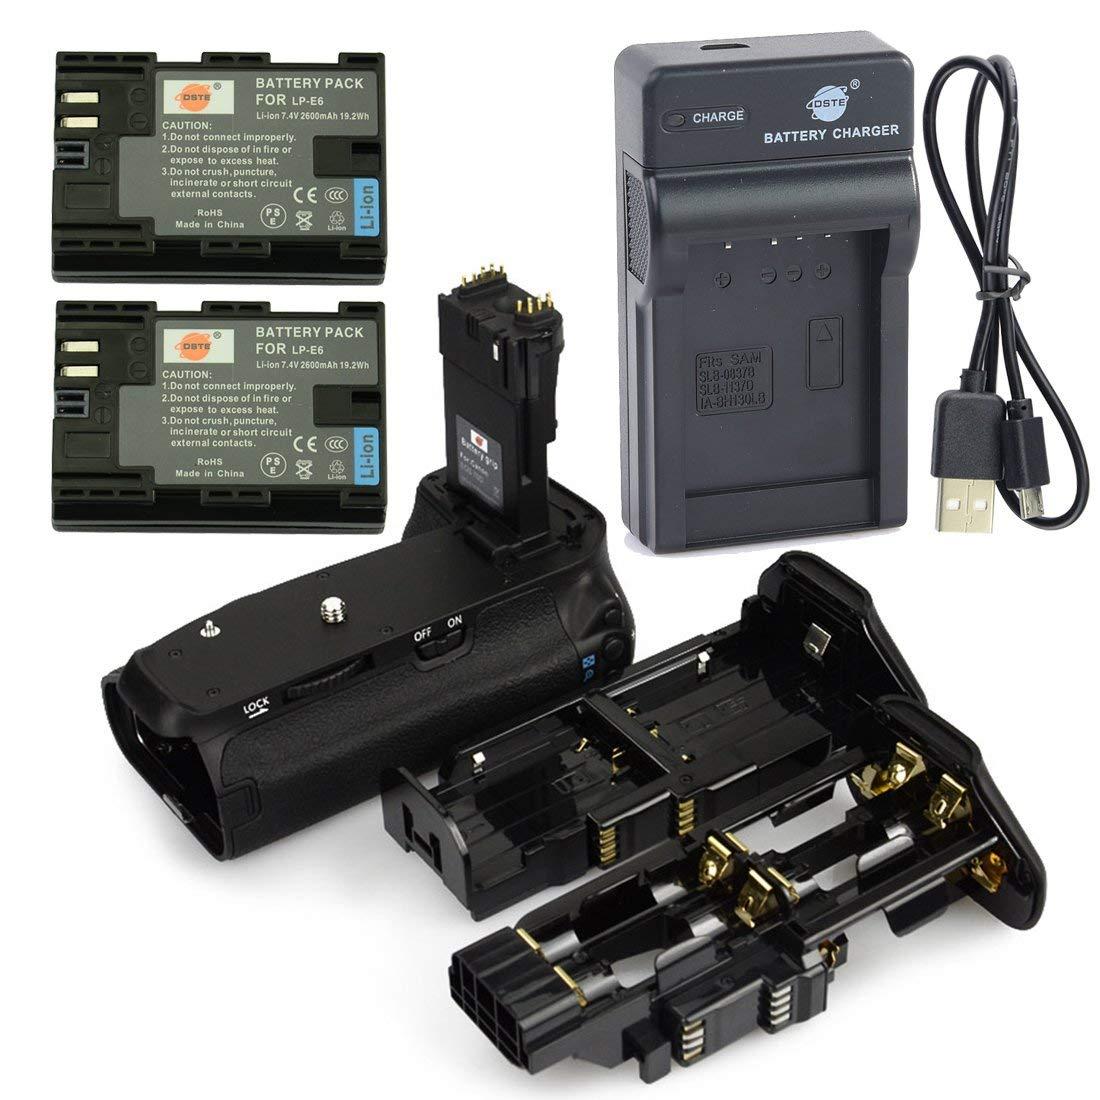 DSTE BG-E14 Apretón Batería + 2x LP-E6 Batería + USB Cargador para Canon EOS 70D 80D: Amazon.es: Electrónica